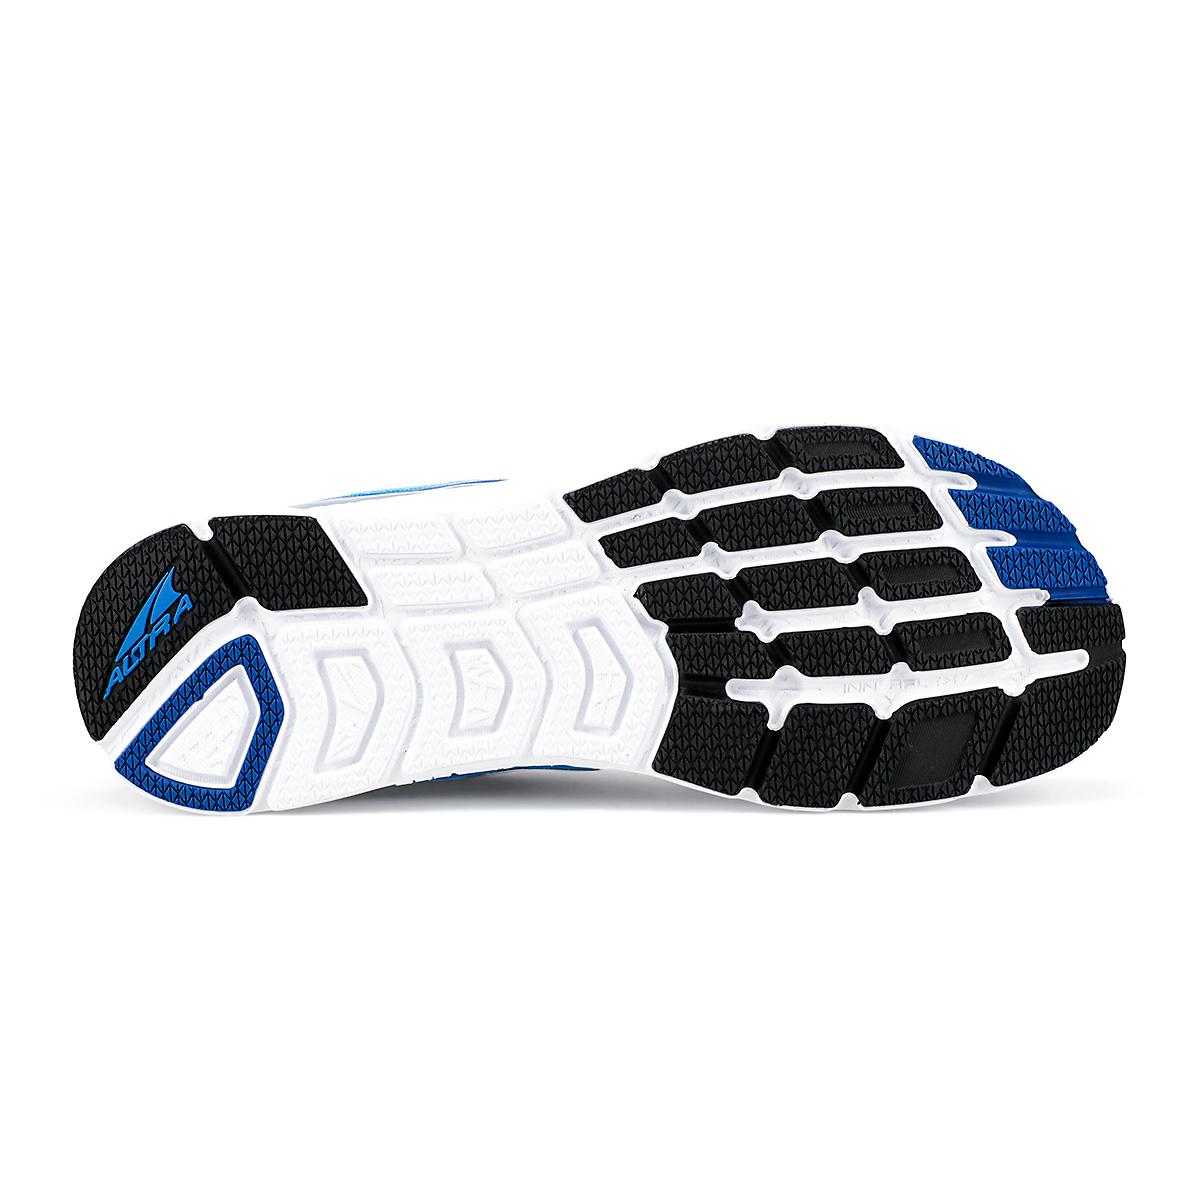 Men's Altra Rivera Running Shoe - Color: Light Blue - Size: 7 - Width: Regular, Light Blue, large, image 4